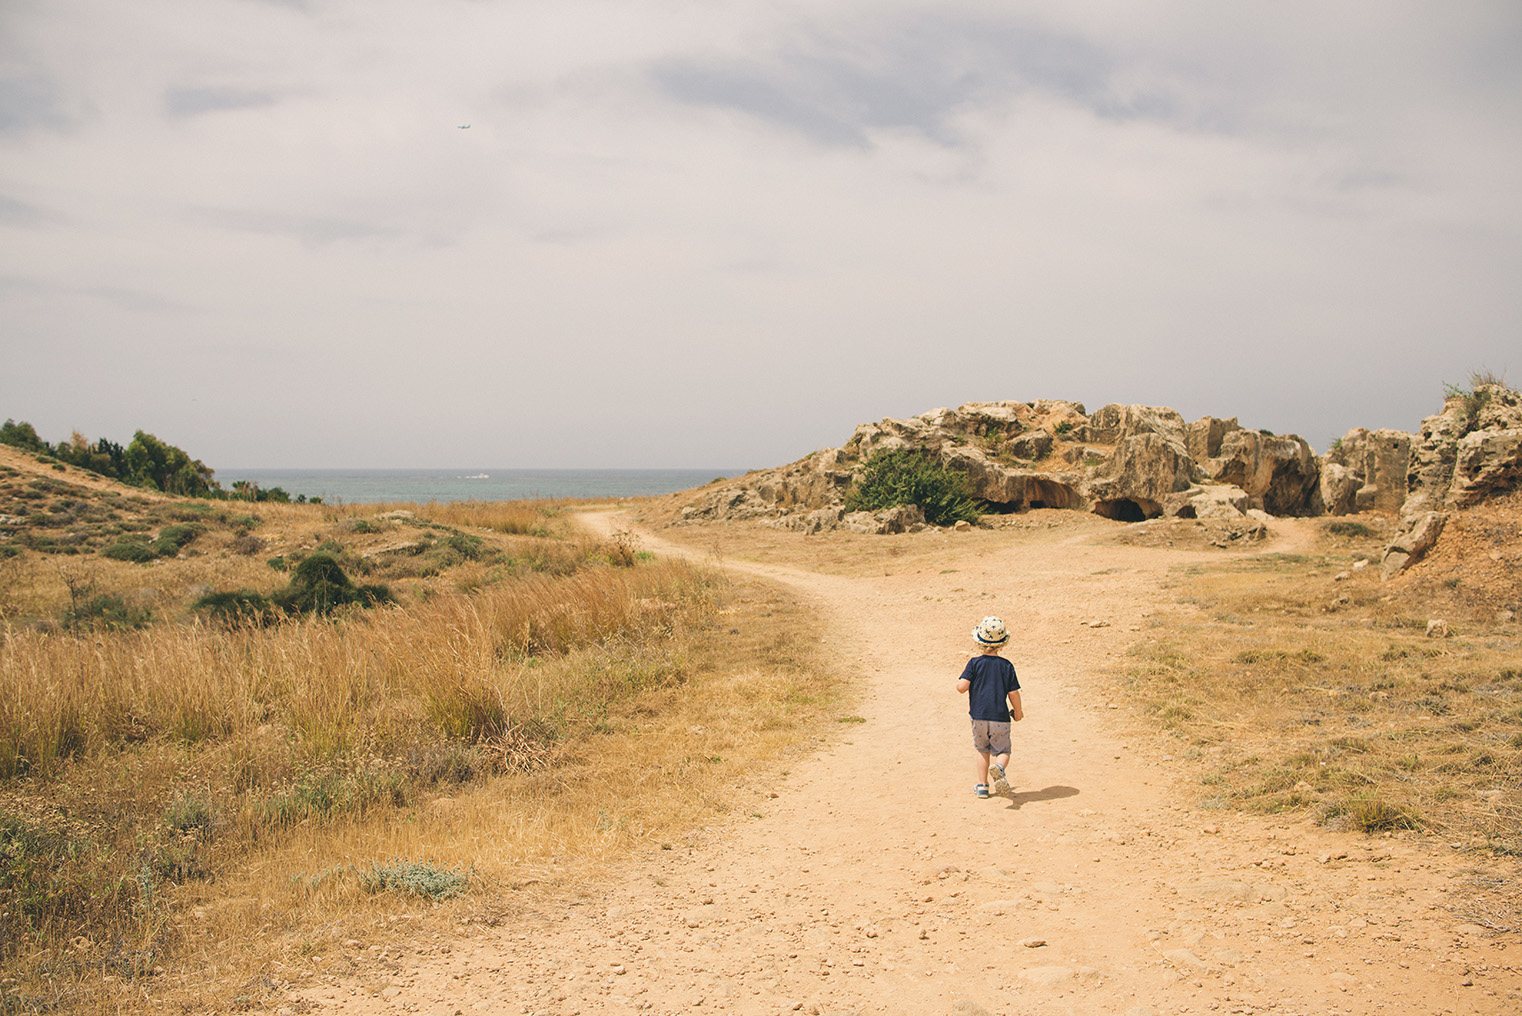 02.Groby Krolewskie Pafos - Cypr - podroz z dzieckiem